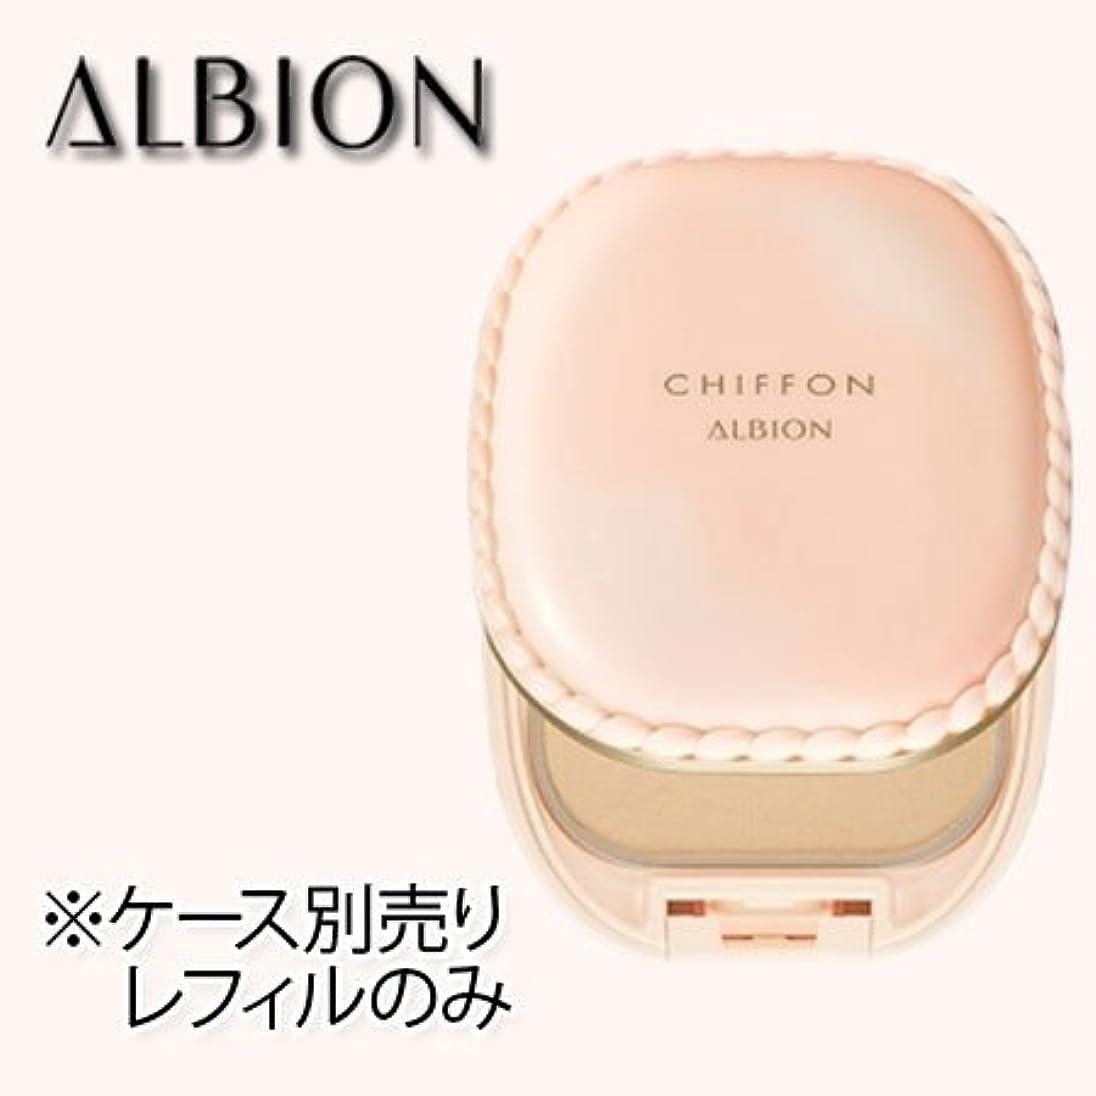 懲らしめラバマイルアルビオン スウィート モイスチュア シフォン (レフィル) 10g 6色 SPF22 PA++-ALBION- 040